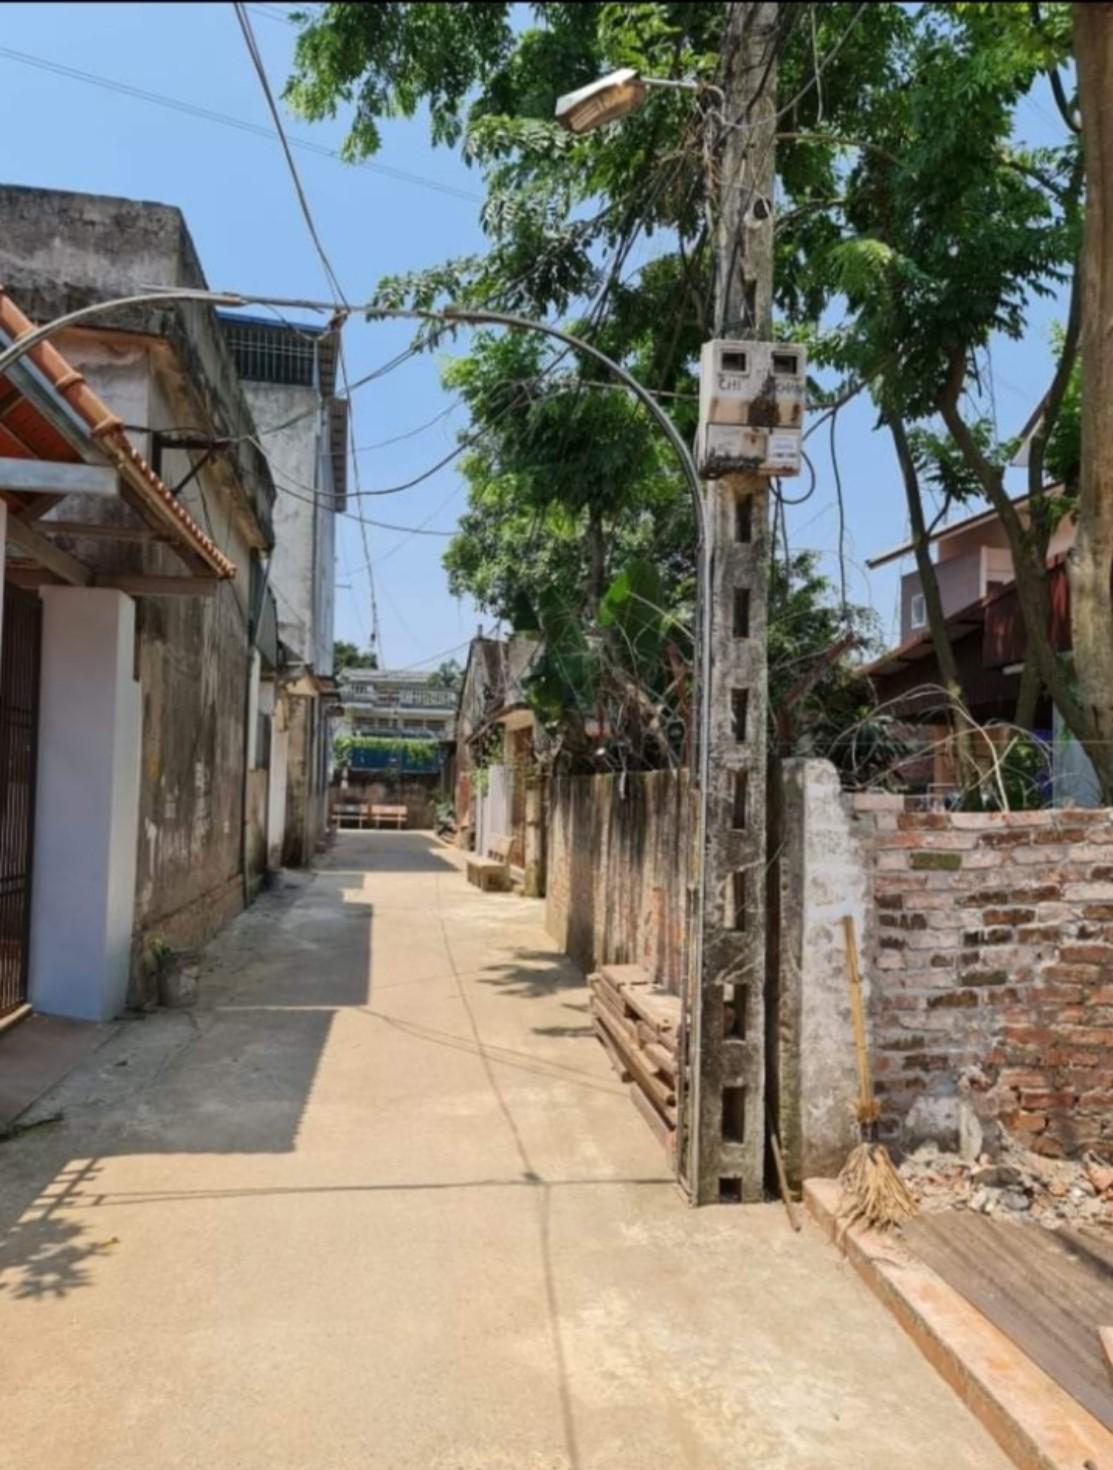 Kế hoạch sử dụng đất xã Ngọc Hoà, Chương Mỹ, Hà Nội năm 2021 - Ảnh 1.